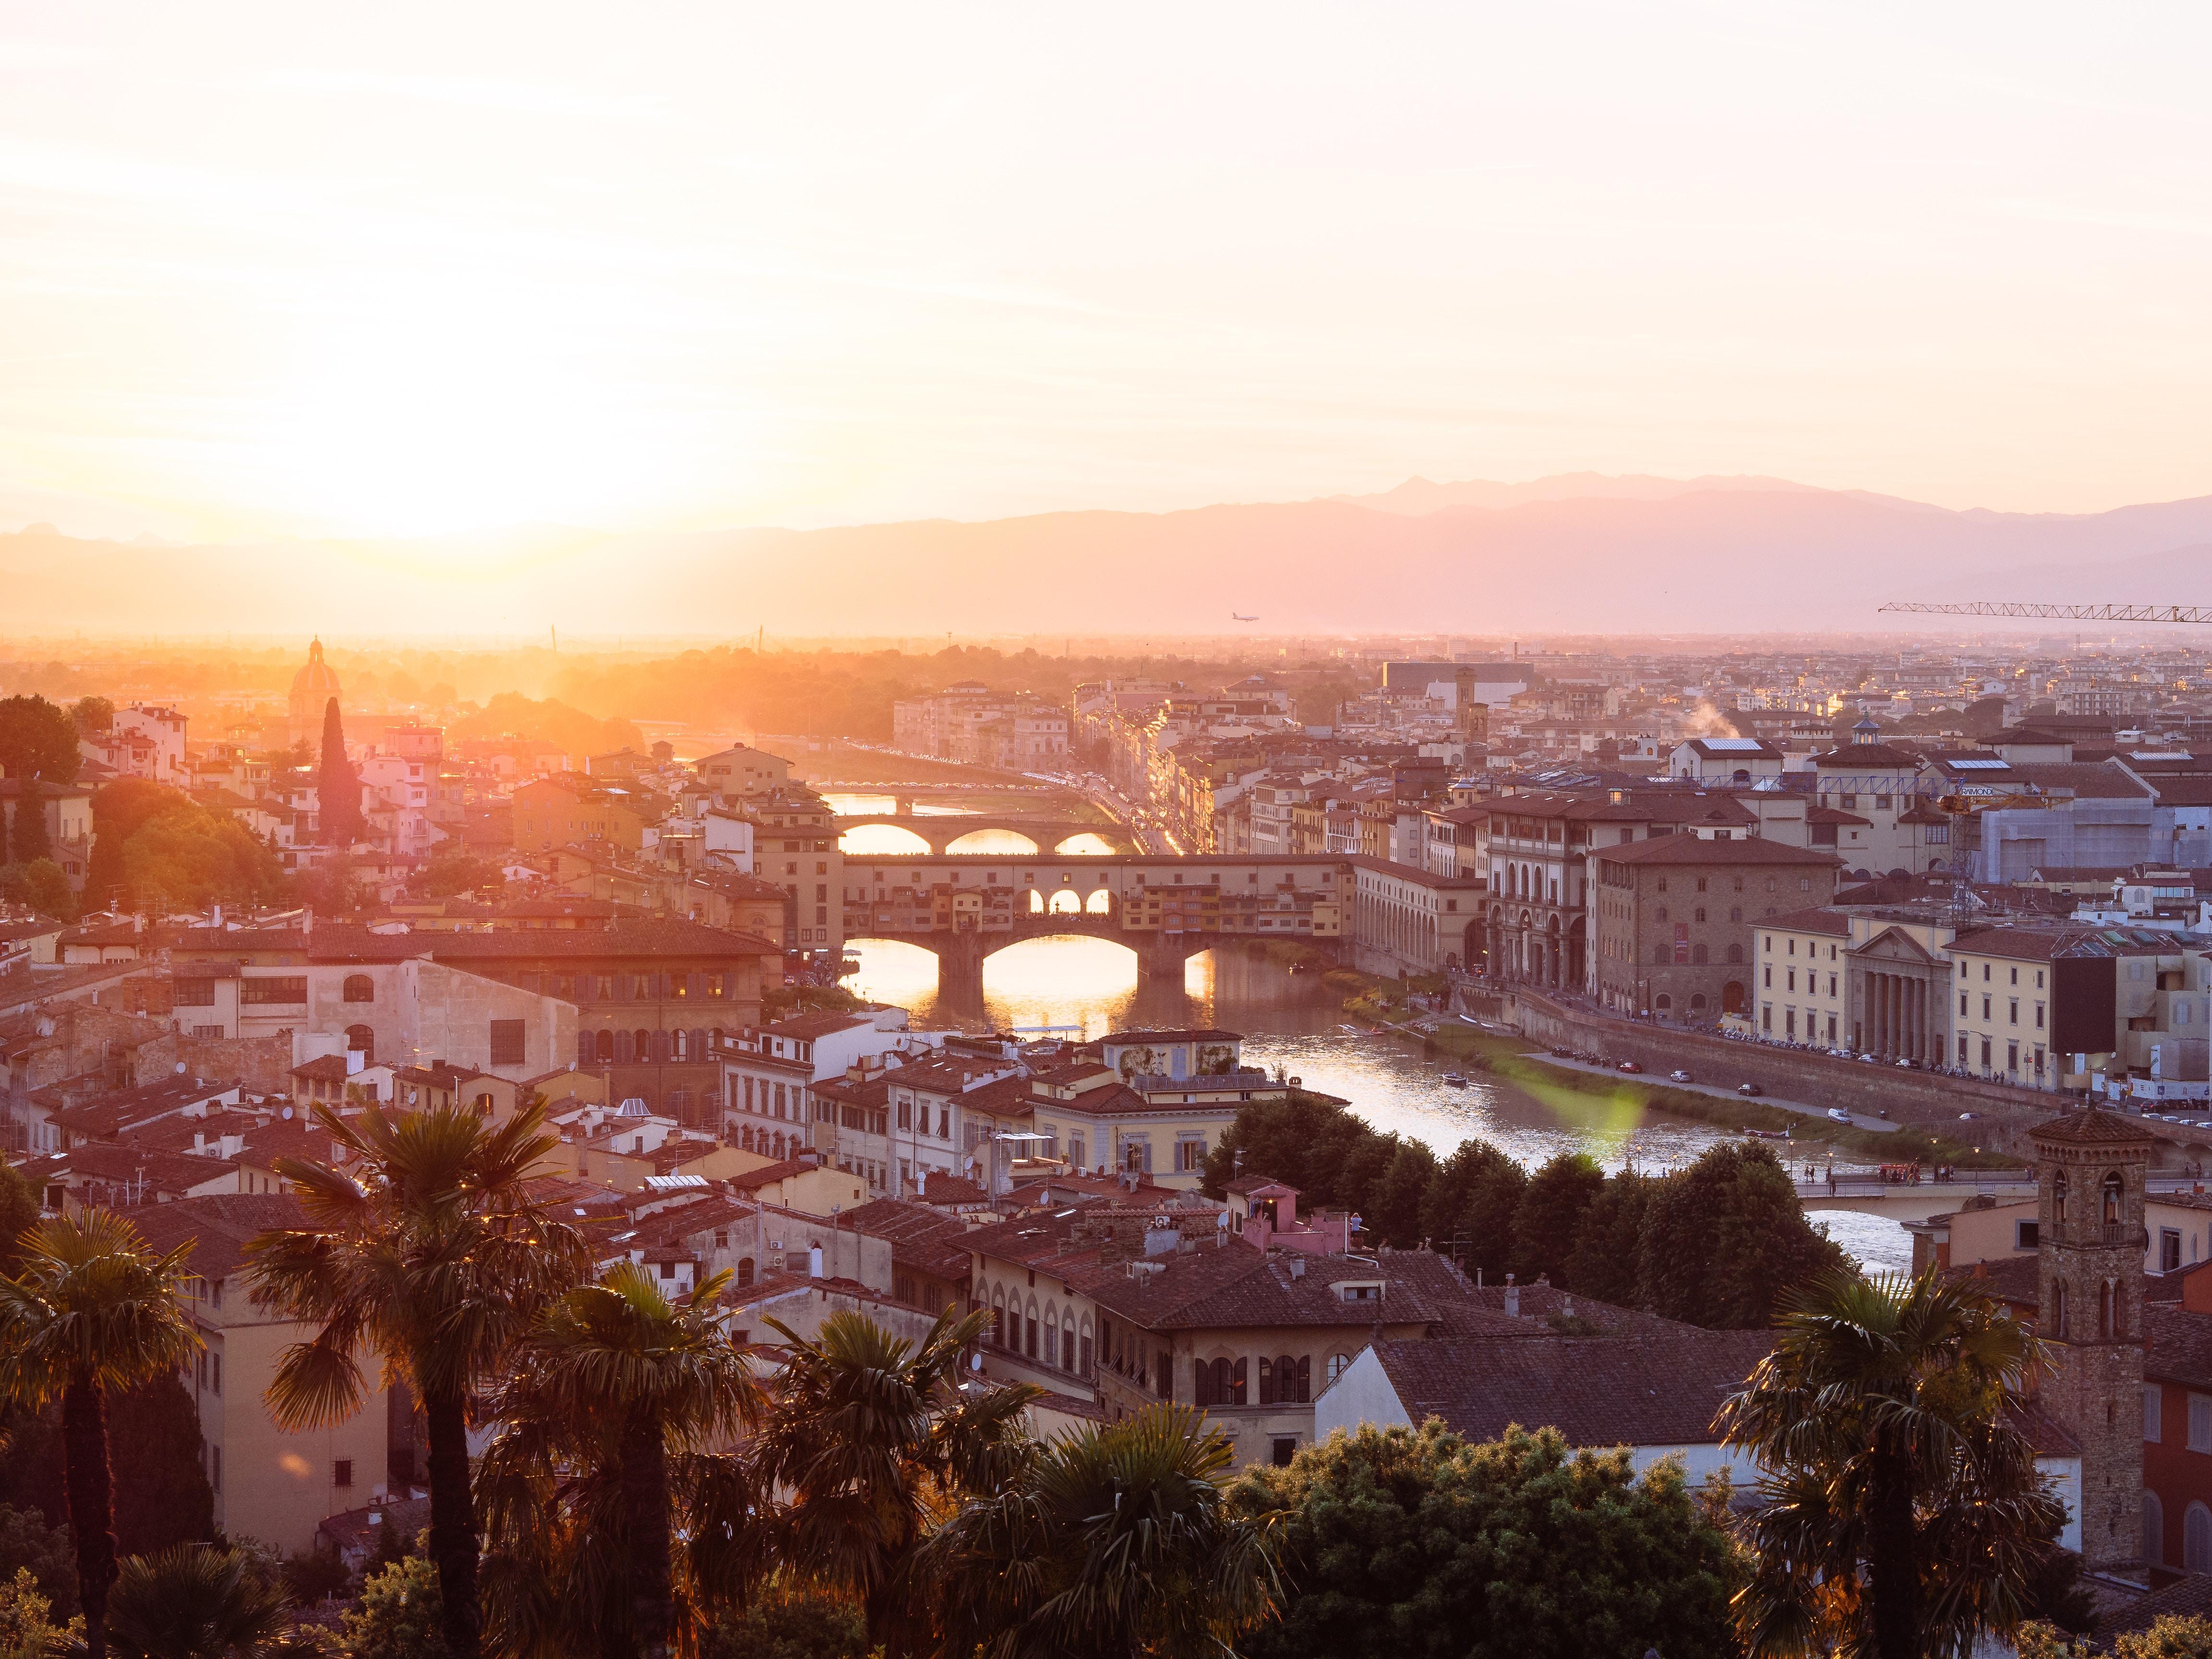 ヴェッキオ橋はイタリアフィレンツェの世界遺産!ヴァザーリの回廊も有名!